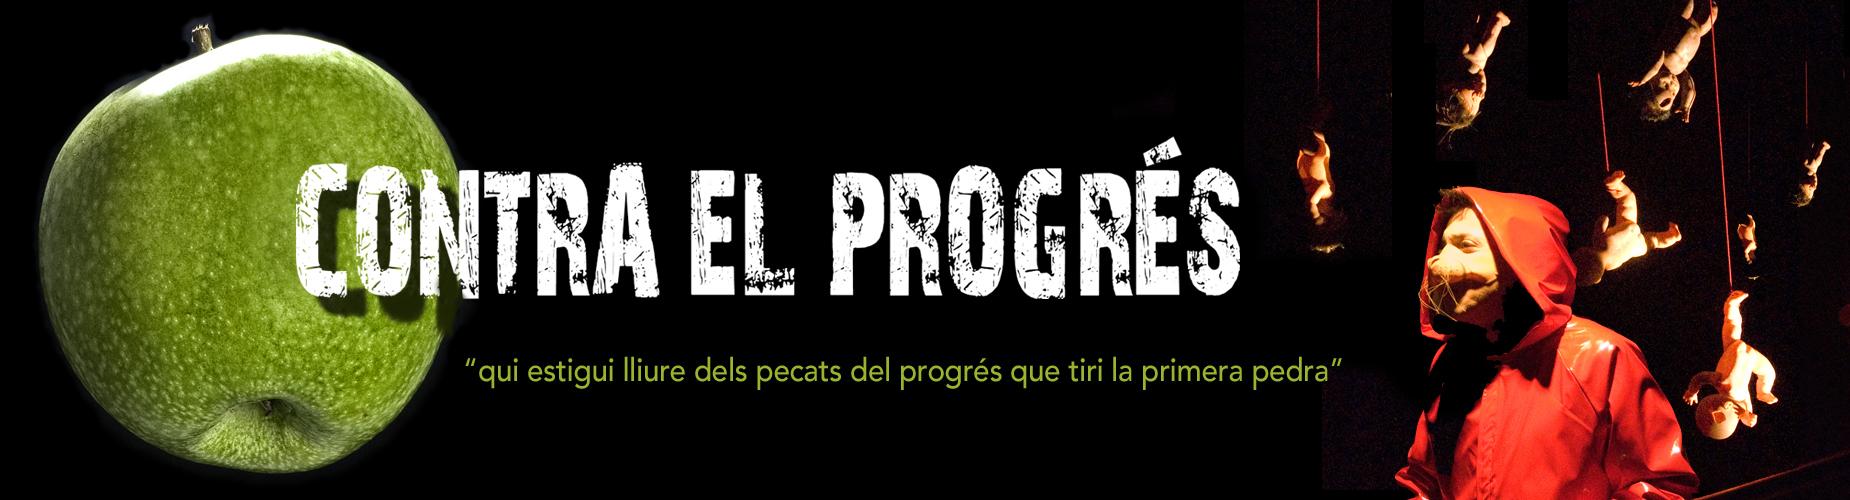 Contra el progrés